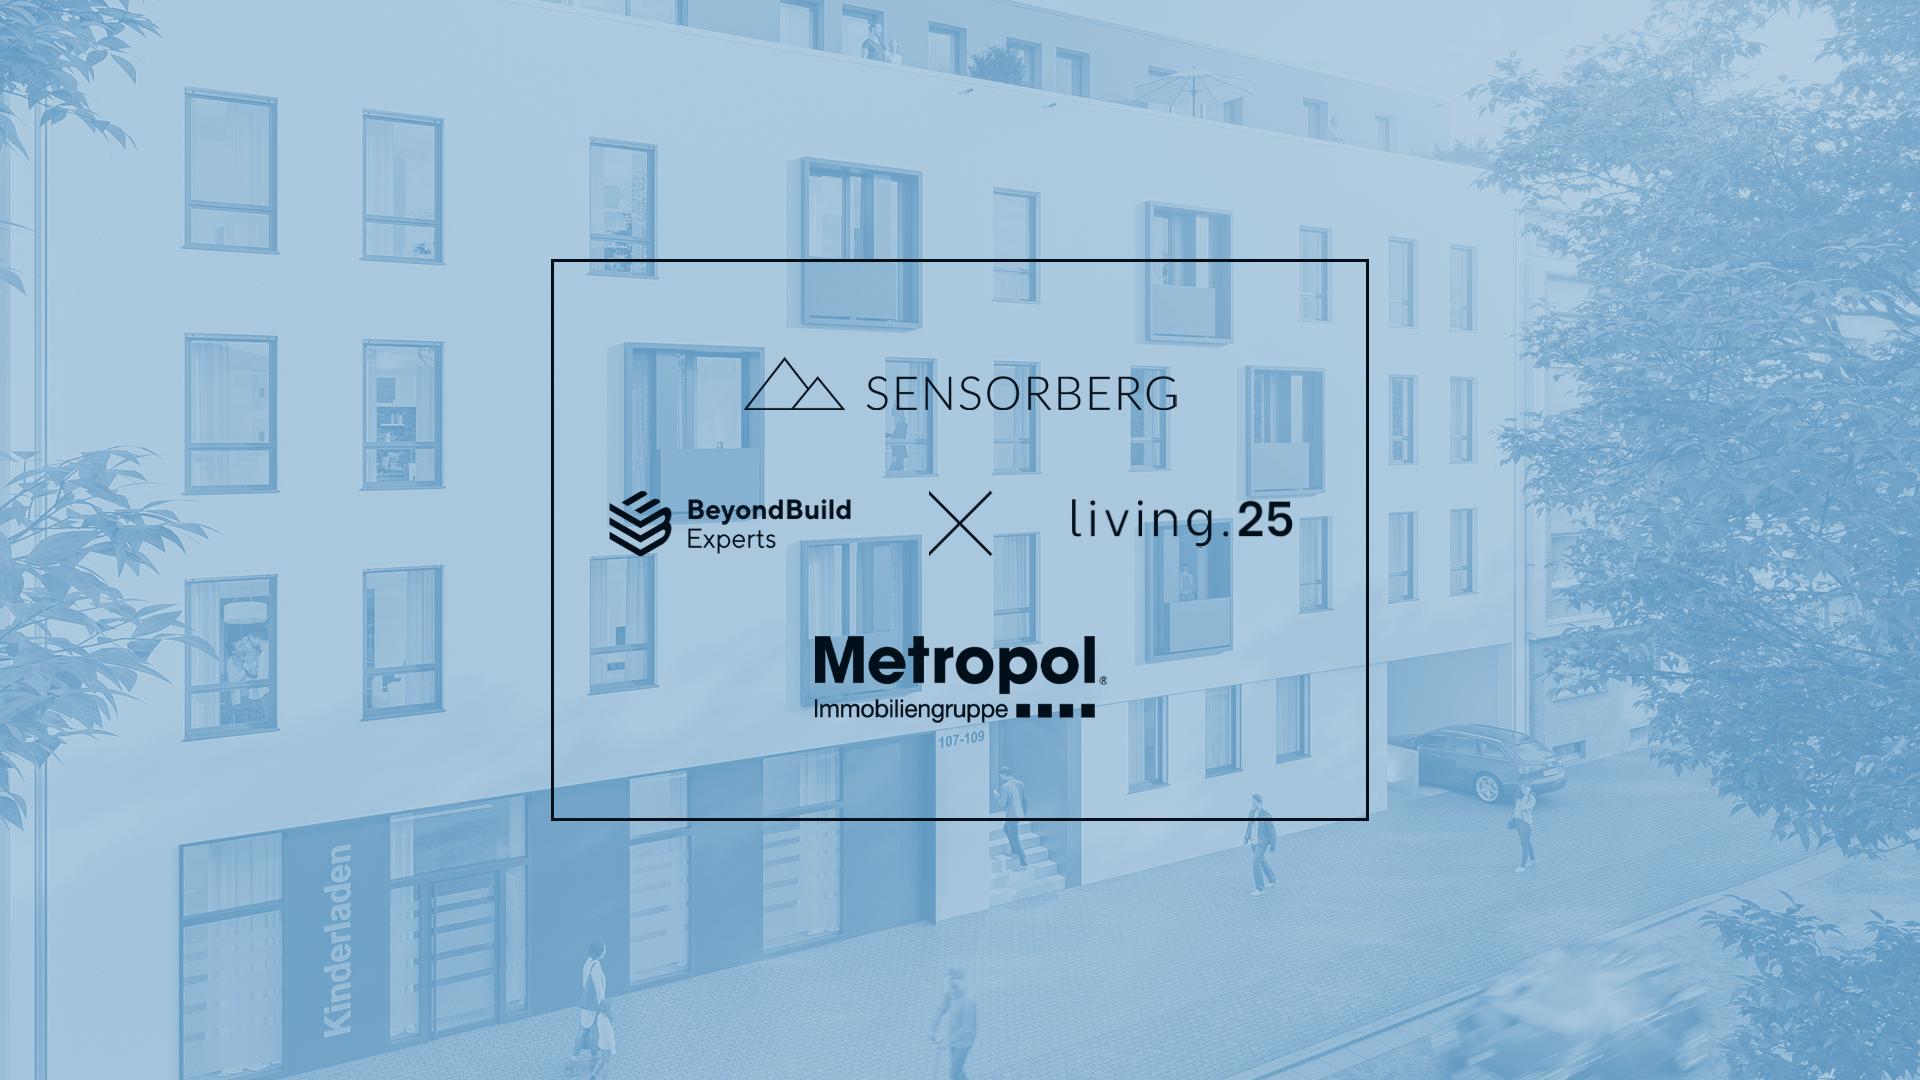 """BeyondBuild Experts, Living.25 und Sensorberg machen das Kölner """"MelEHR"""" zum digitalen Benchmark-Projekt"""